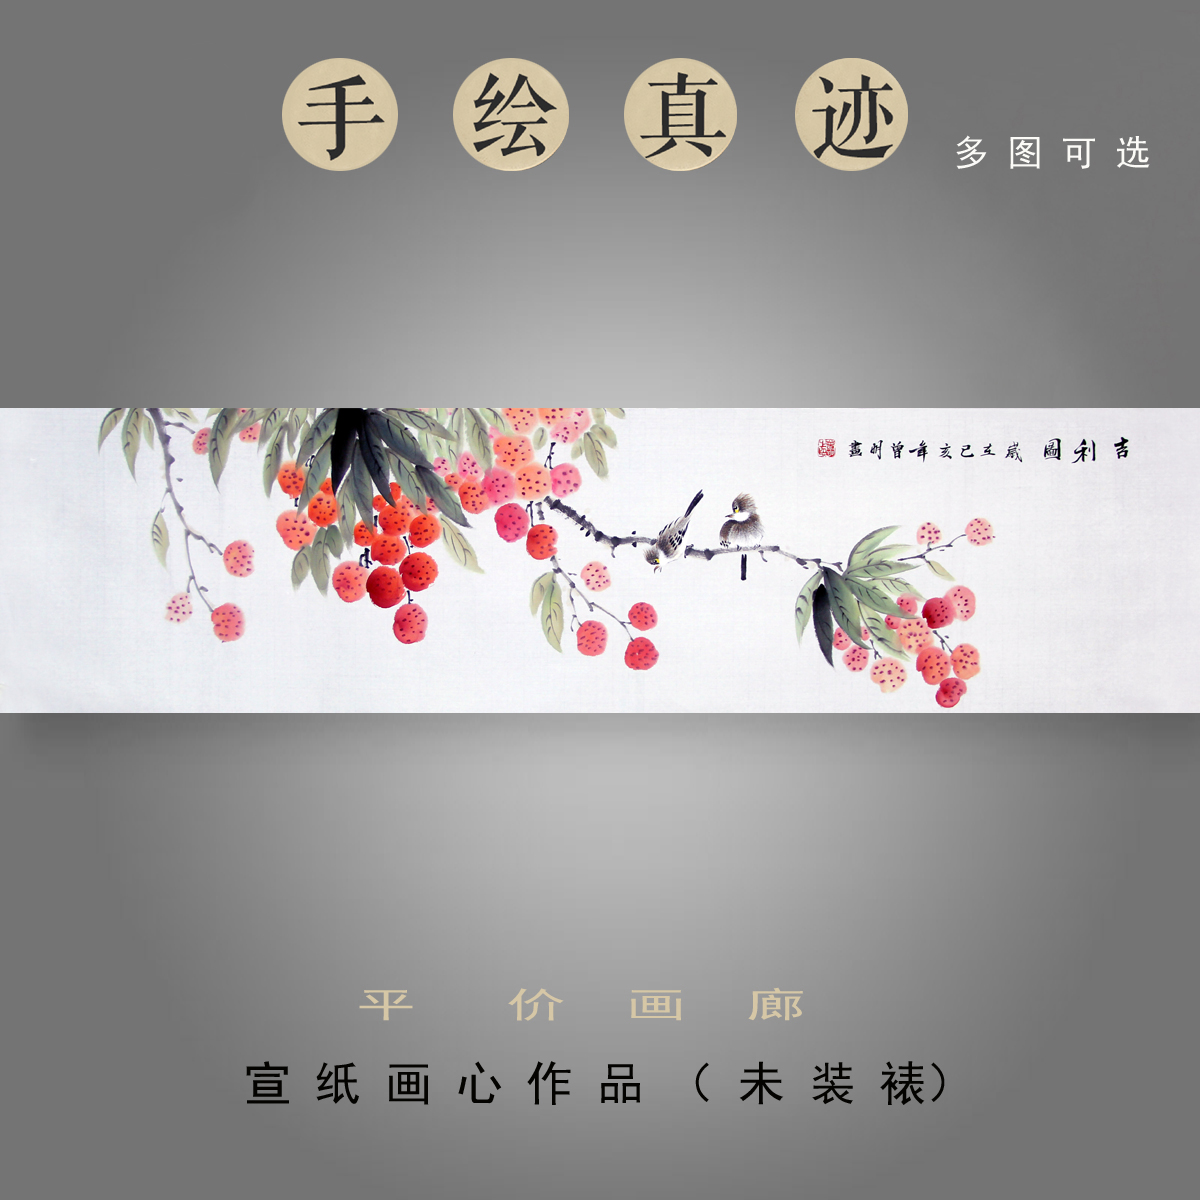 花開富貴國畫牡丹花純手繪真跡花鳥中式客廳臥室床頭掛畫裝飾字畫